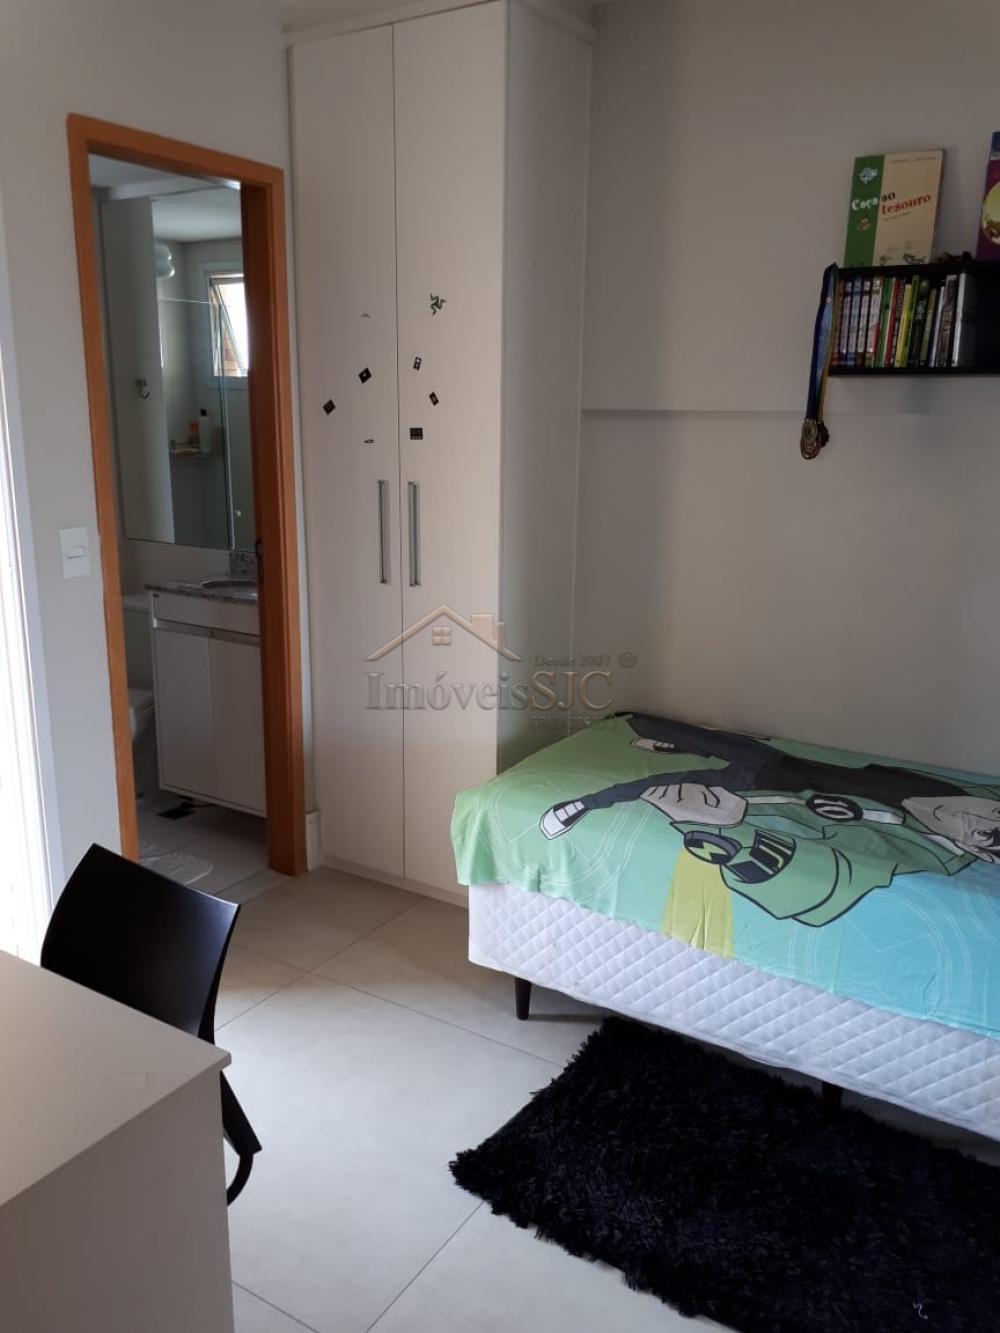 Alugar Apartamentos / Cobertura em São José dos Campos apenas R$ 3.500,00 - Foto 13